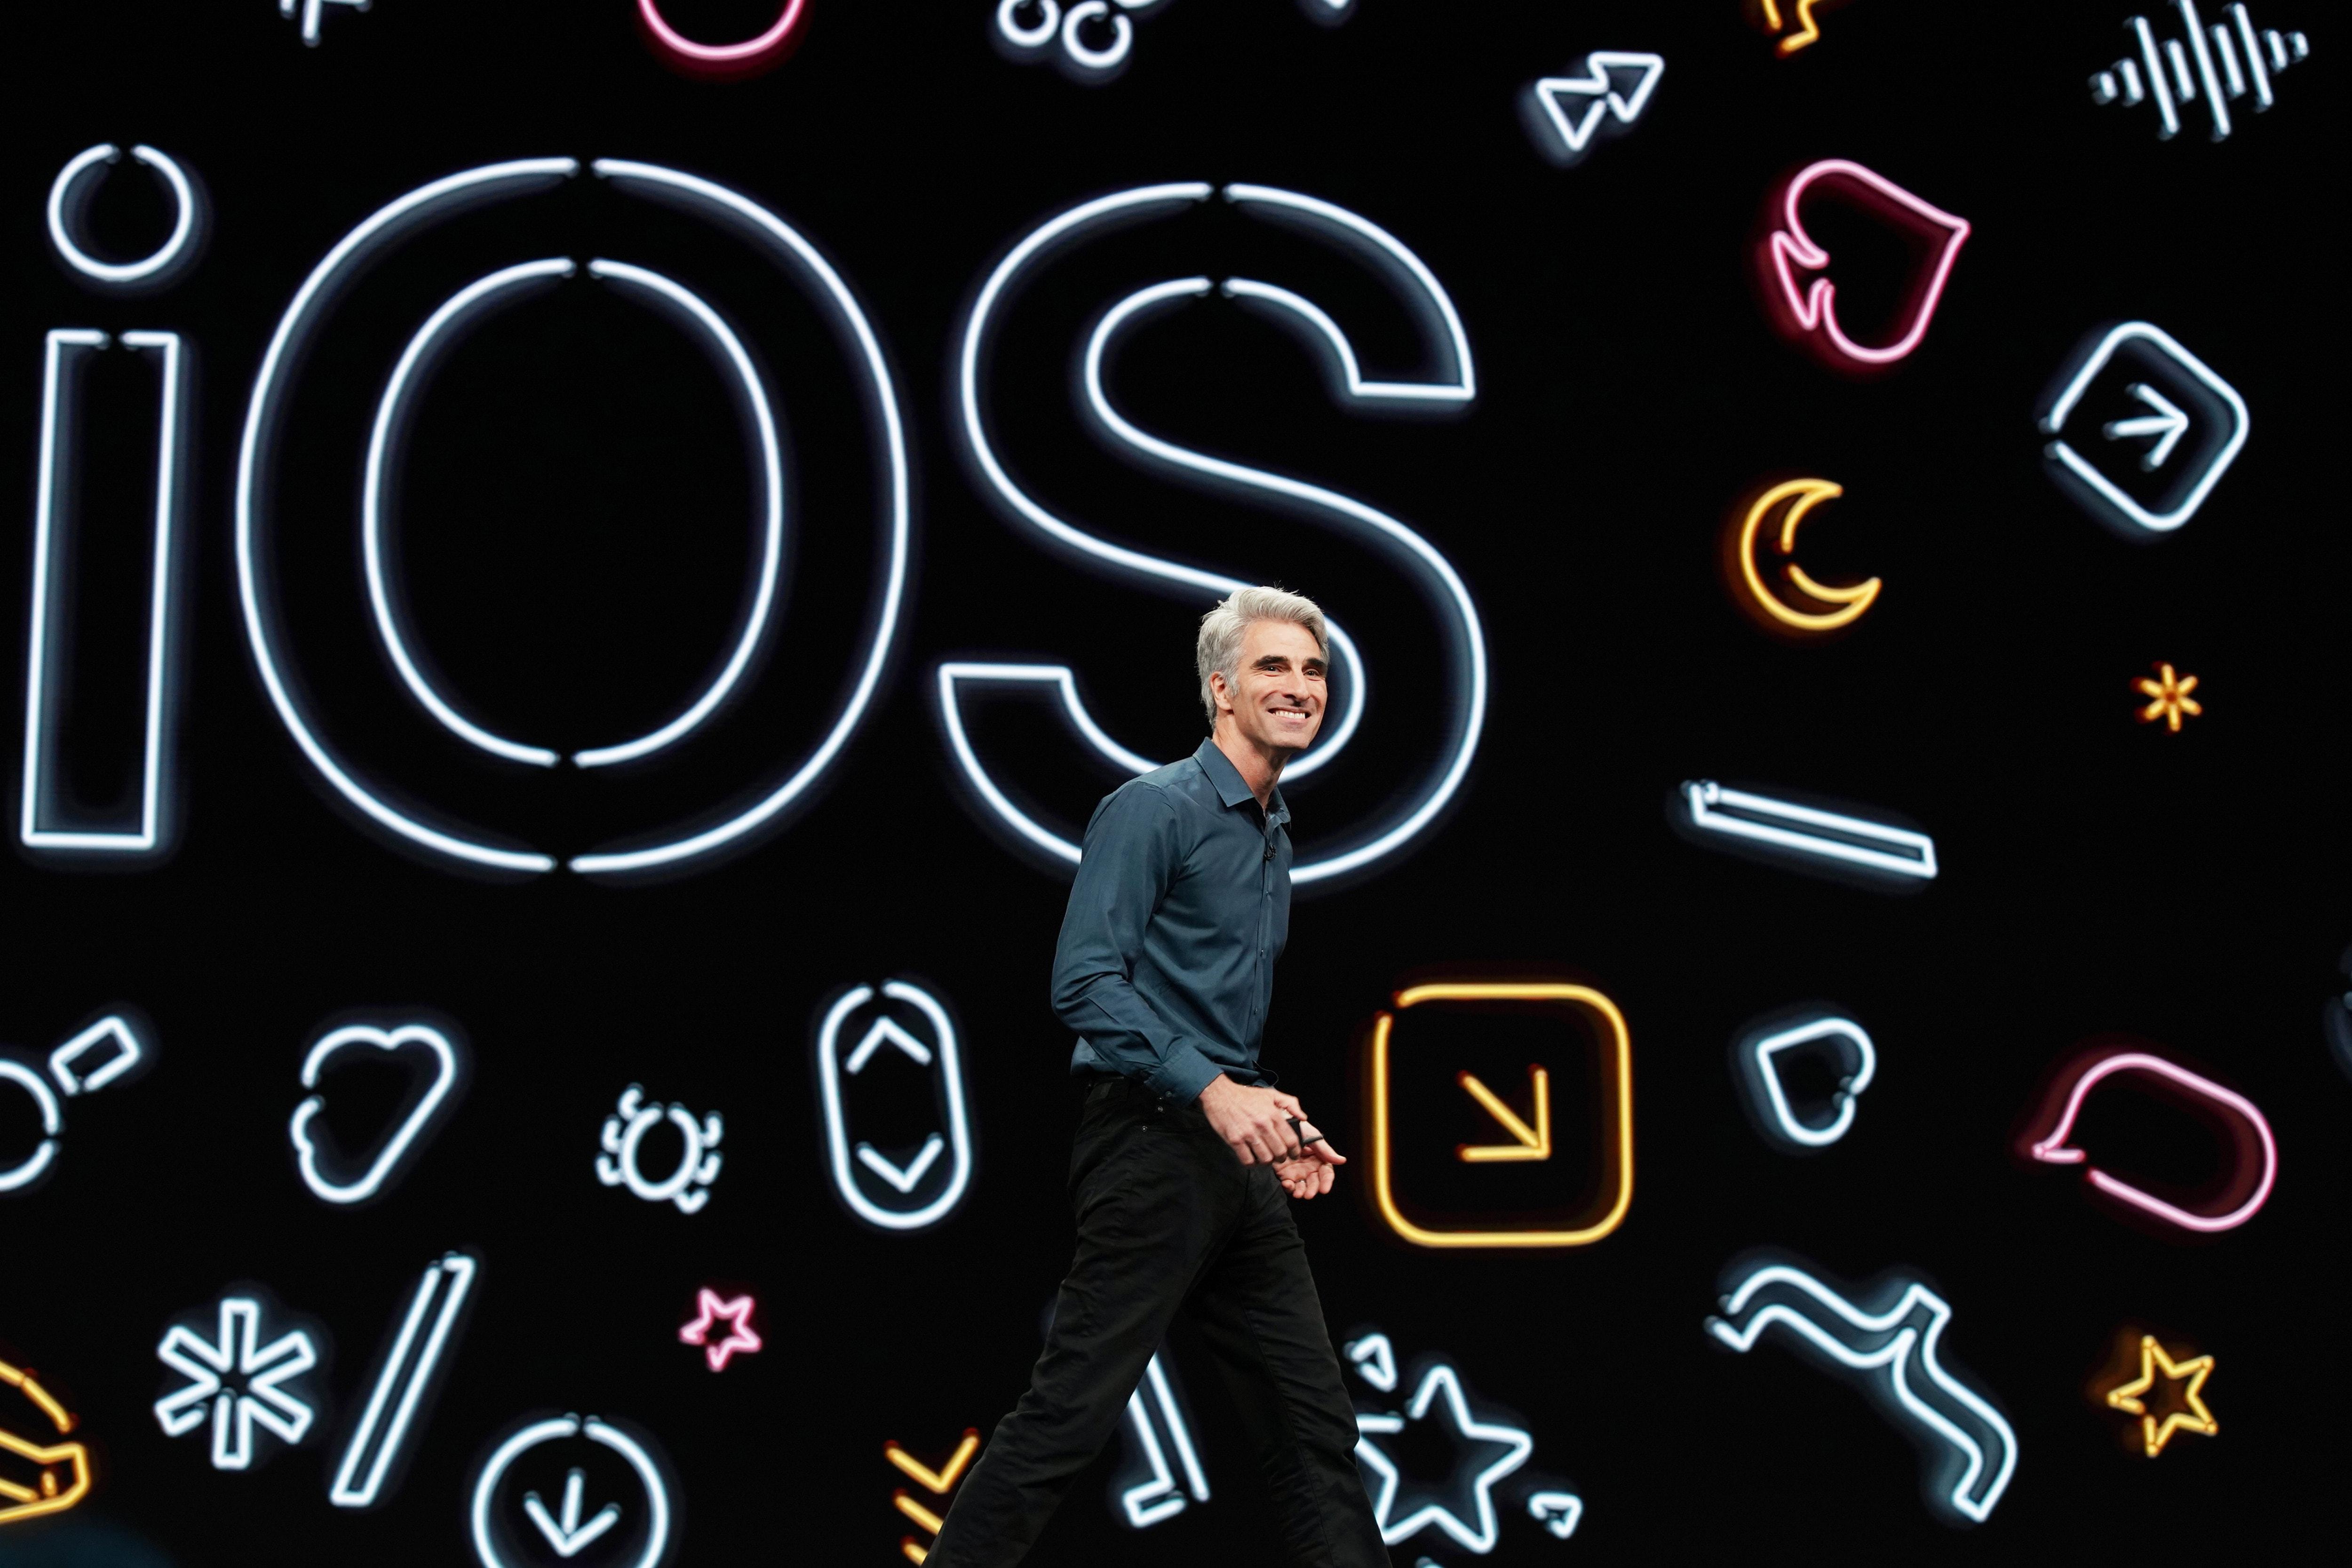 Craig Federighi apresentando o iOS 13 na WWDC19